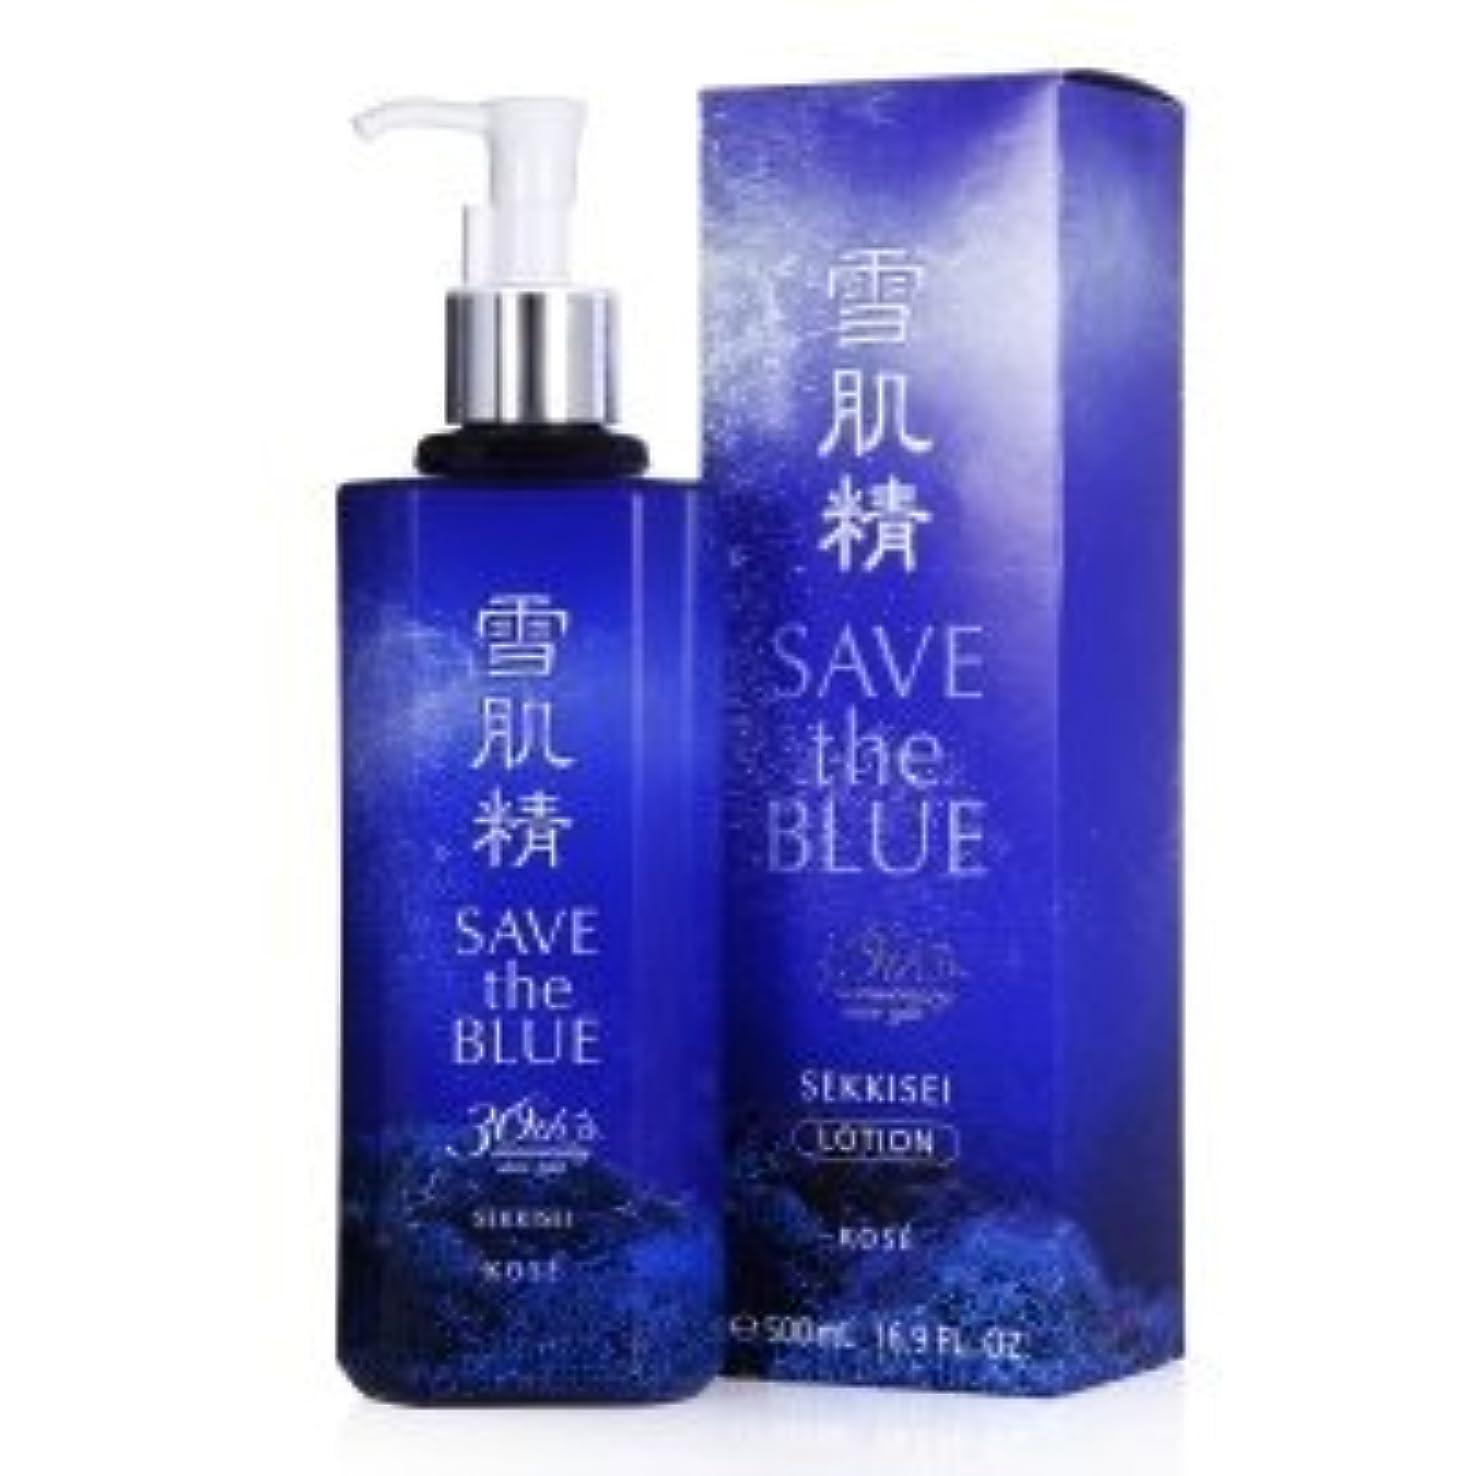 砂利言語学結婚したKOSE コーセー 薬用 雪肌精 化粧水 500ml 【SAVE the BLUE】